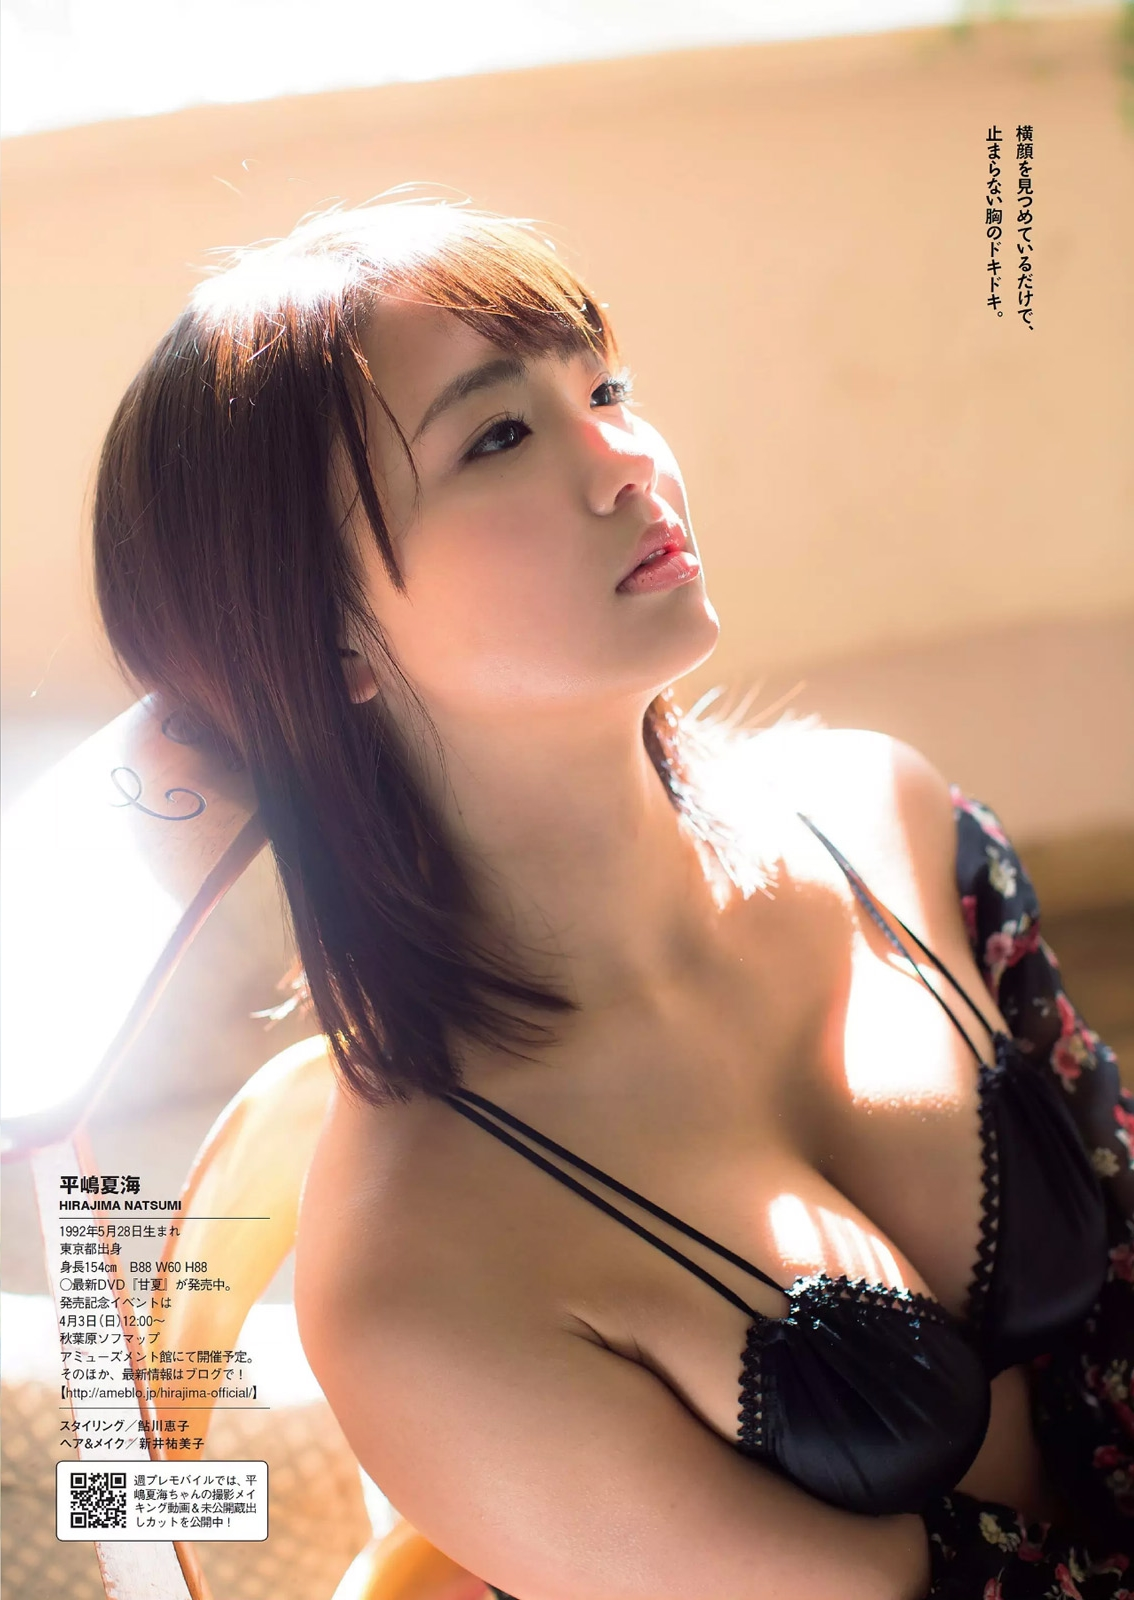 AKB48平嶋夏海のエロおっぱい画像